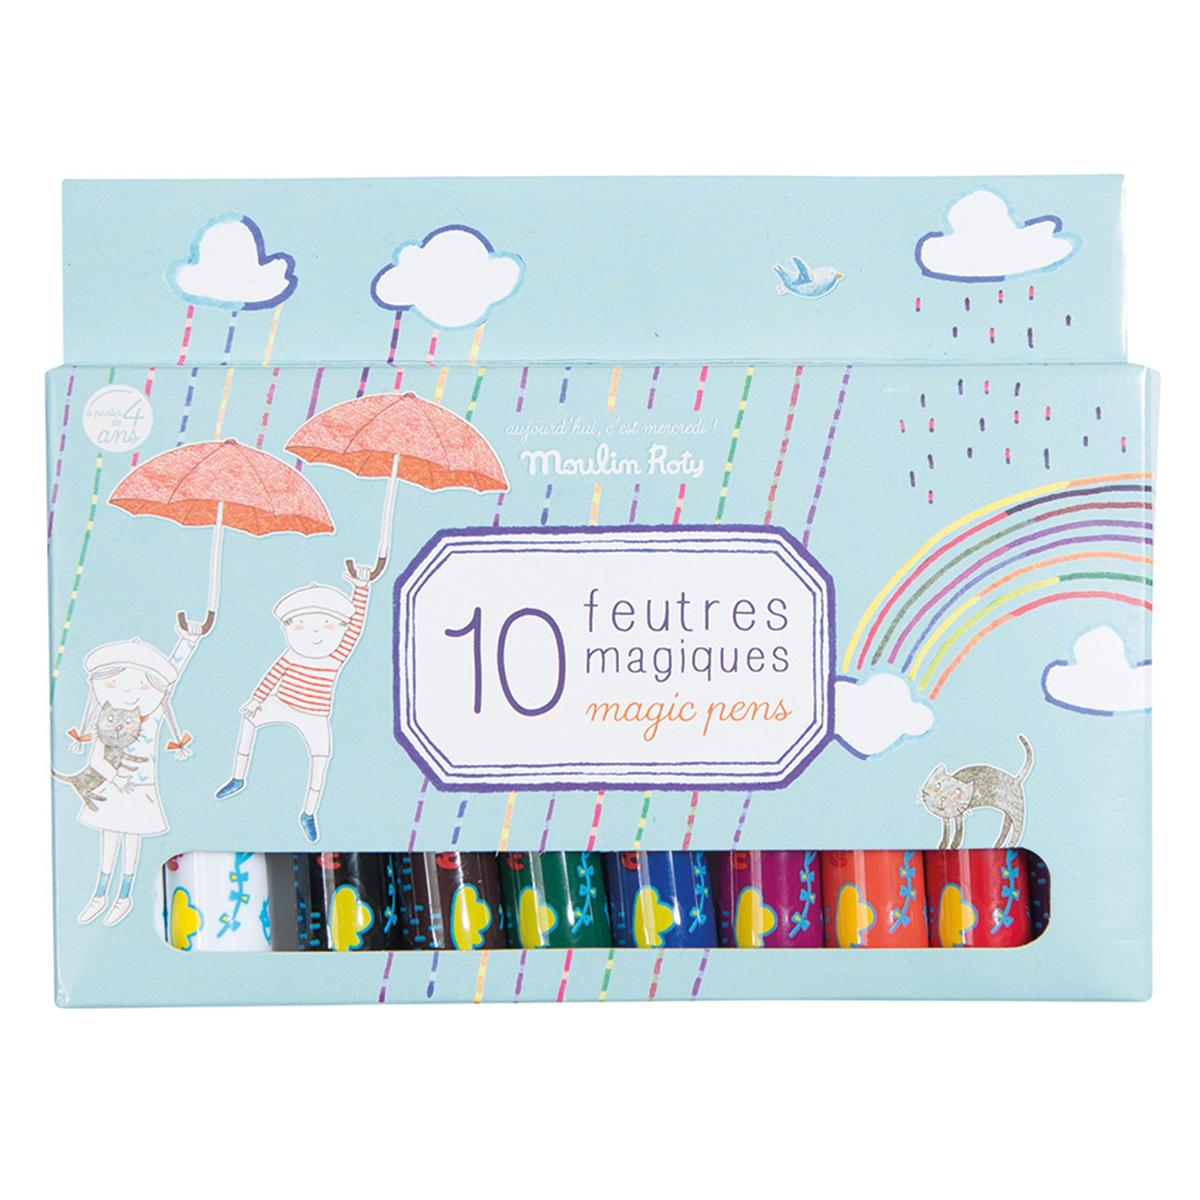 Livre & Carte Boîte de 10 Feutres Magiques - Aujourd'hui c'est Mercredi Boîte de 10 Feutres Magiques - Aujourd'hui c'est Mercredi